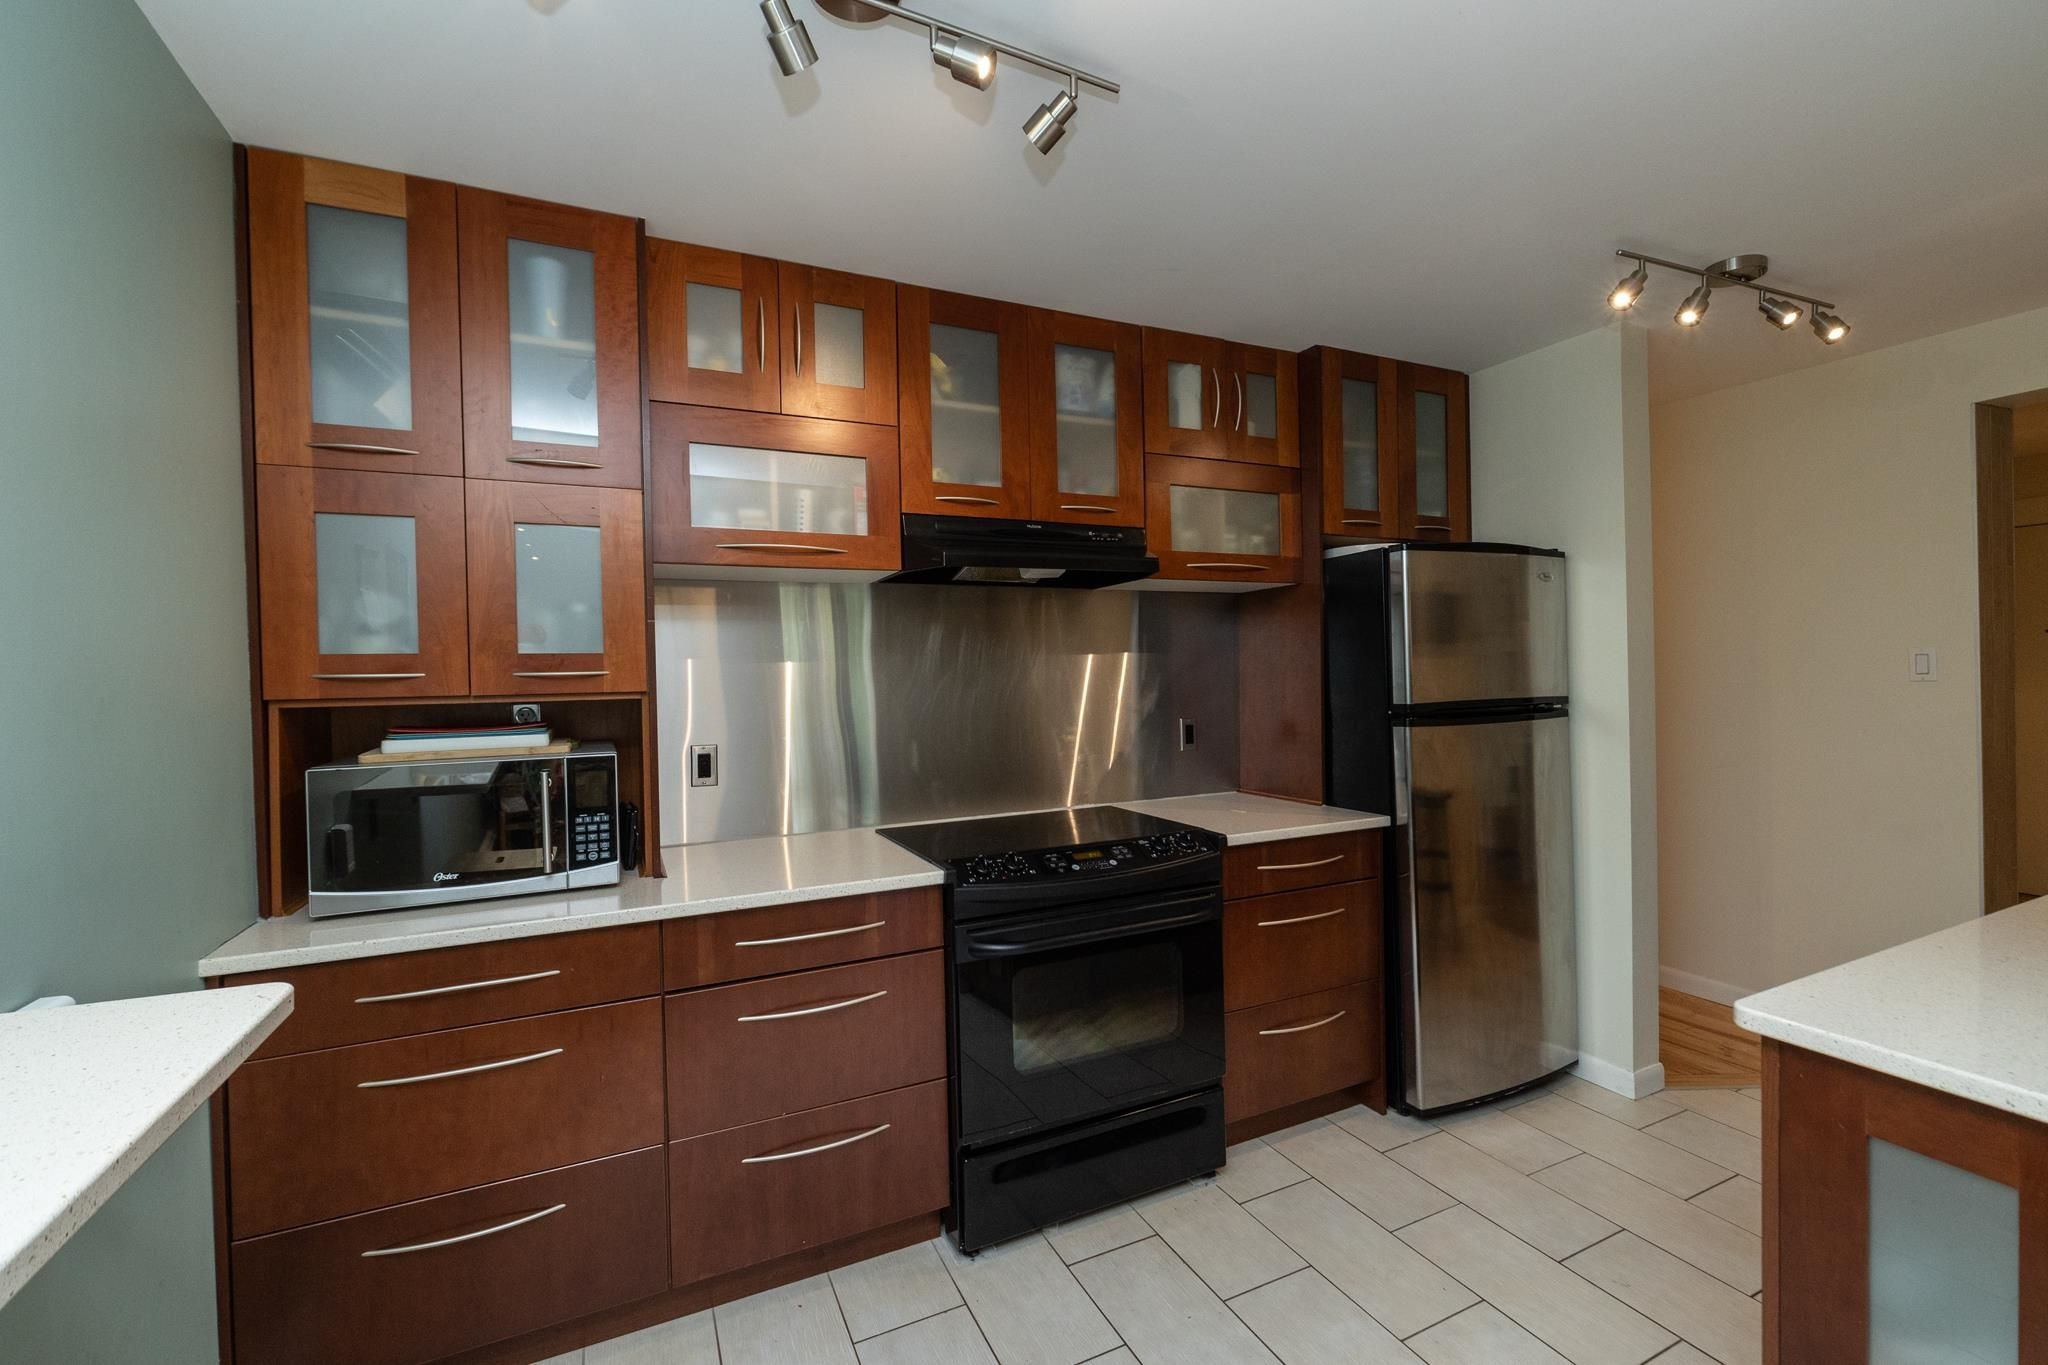 Main Photo: 301 10745 83 Avenue in Edmonton: Zone 15 Condo for sale : MLS®# E4259103